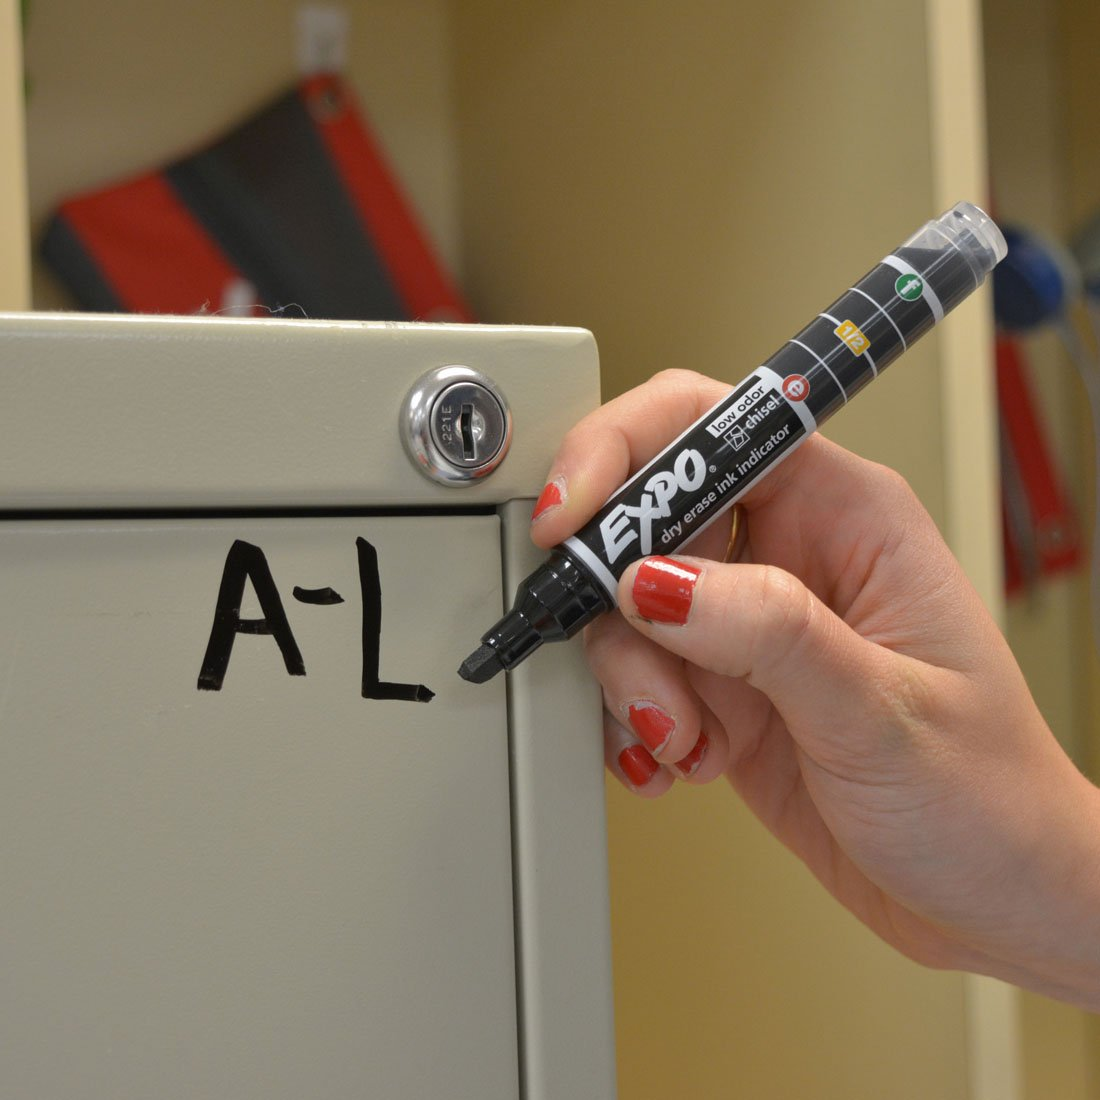 labeling-filing-cabinet-in-black-ink-indicator-marker.jpg